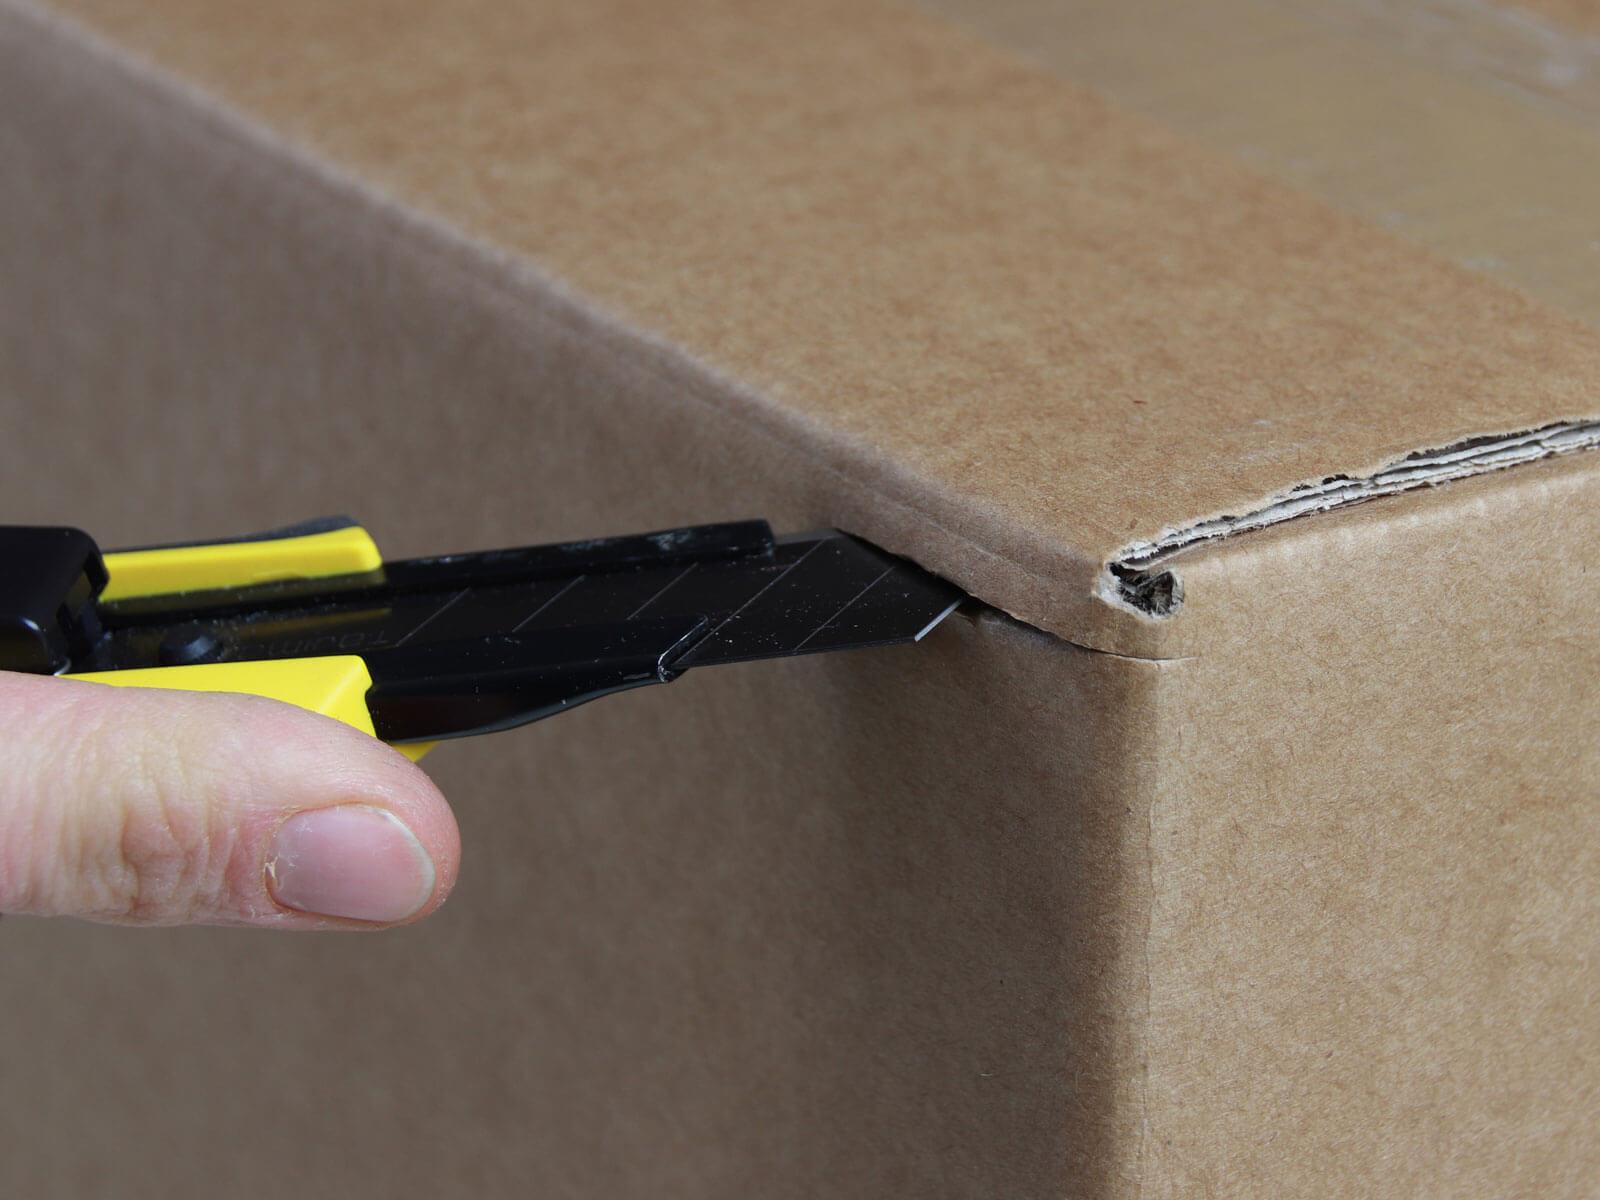 U006 Cuttermesser automatischer Klingenrückzug Karton schneiden abdeckeln CURT-tools